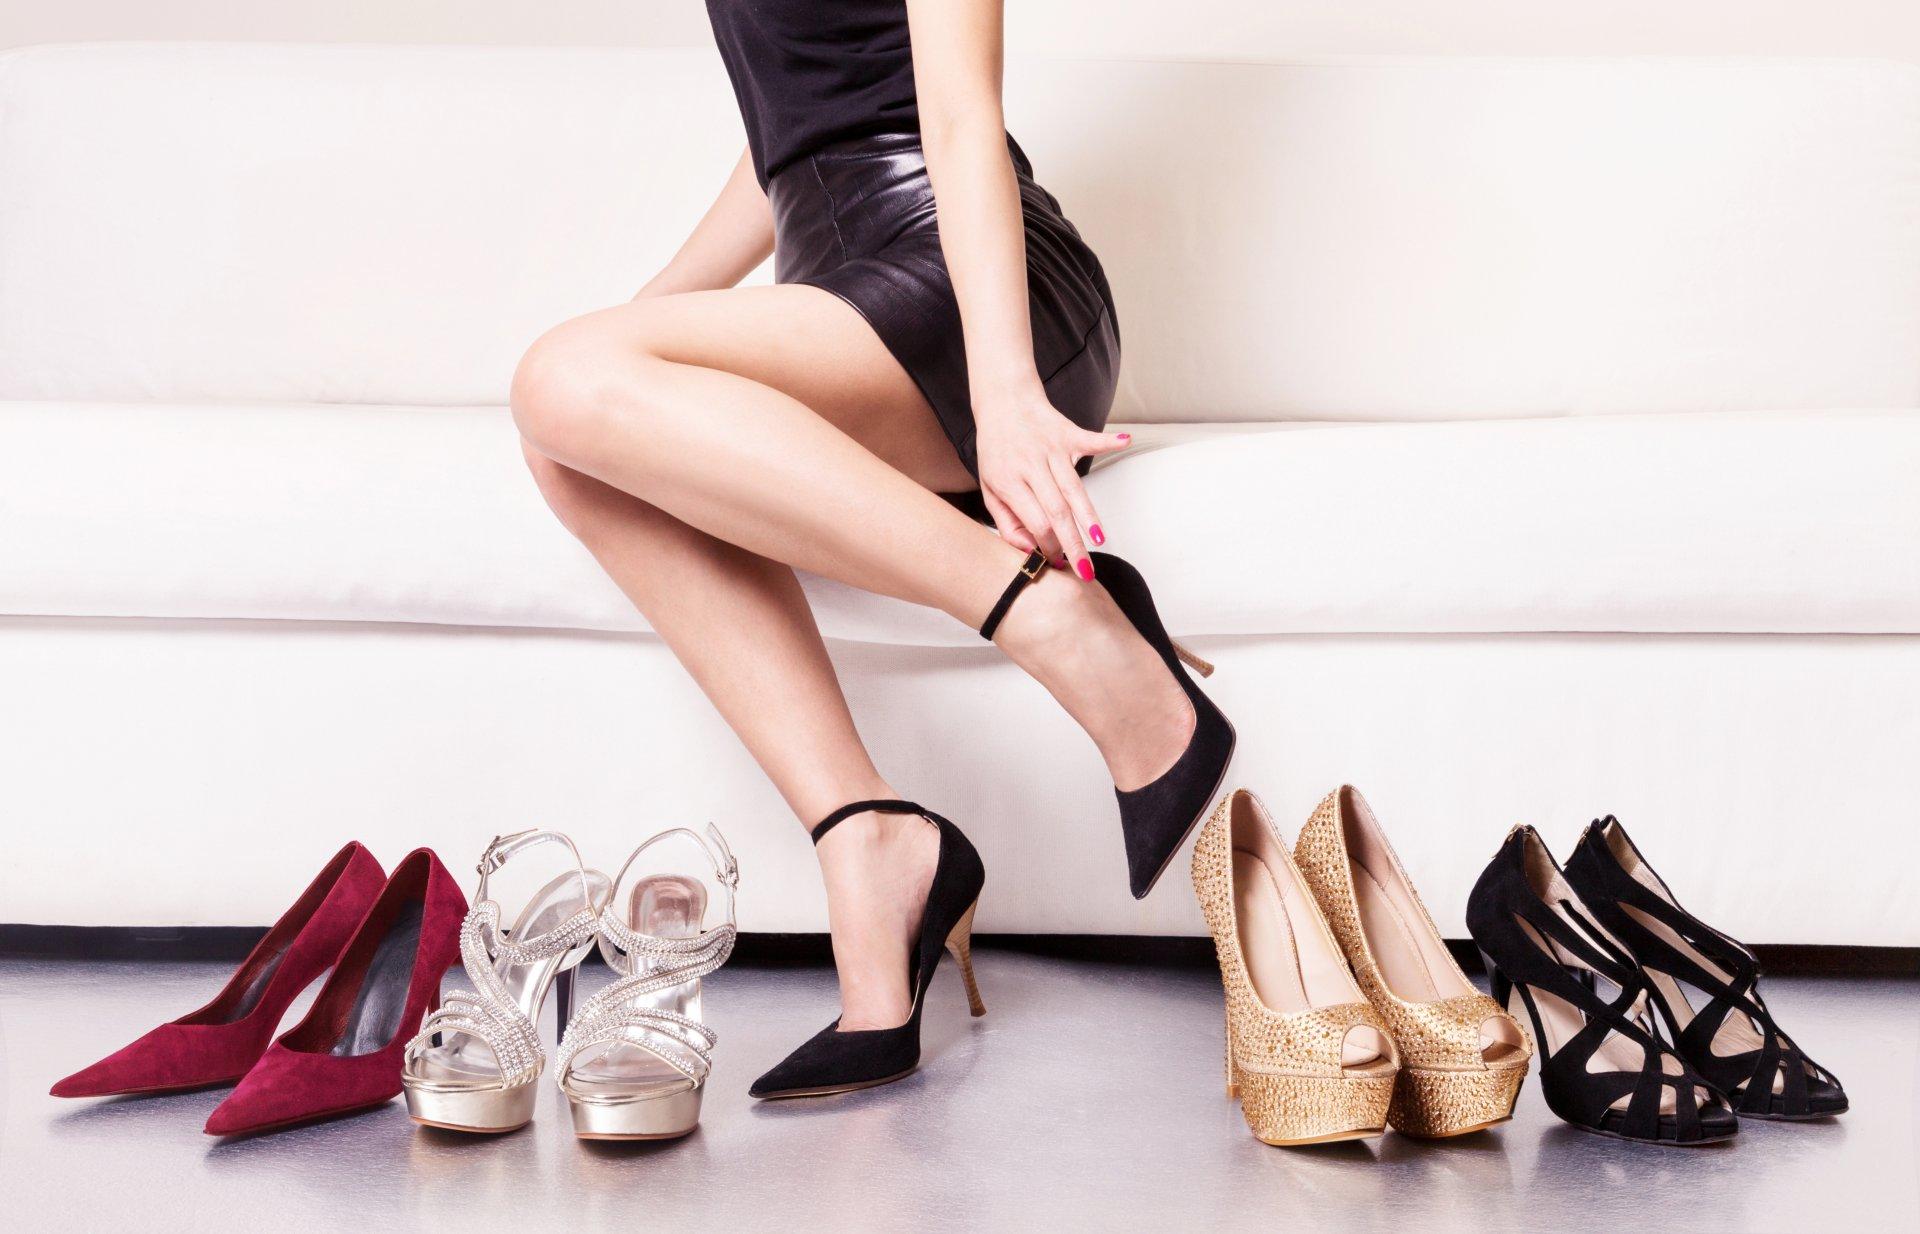 Модели на высоких каблуках фото